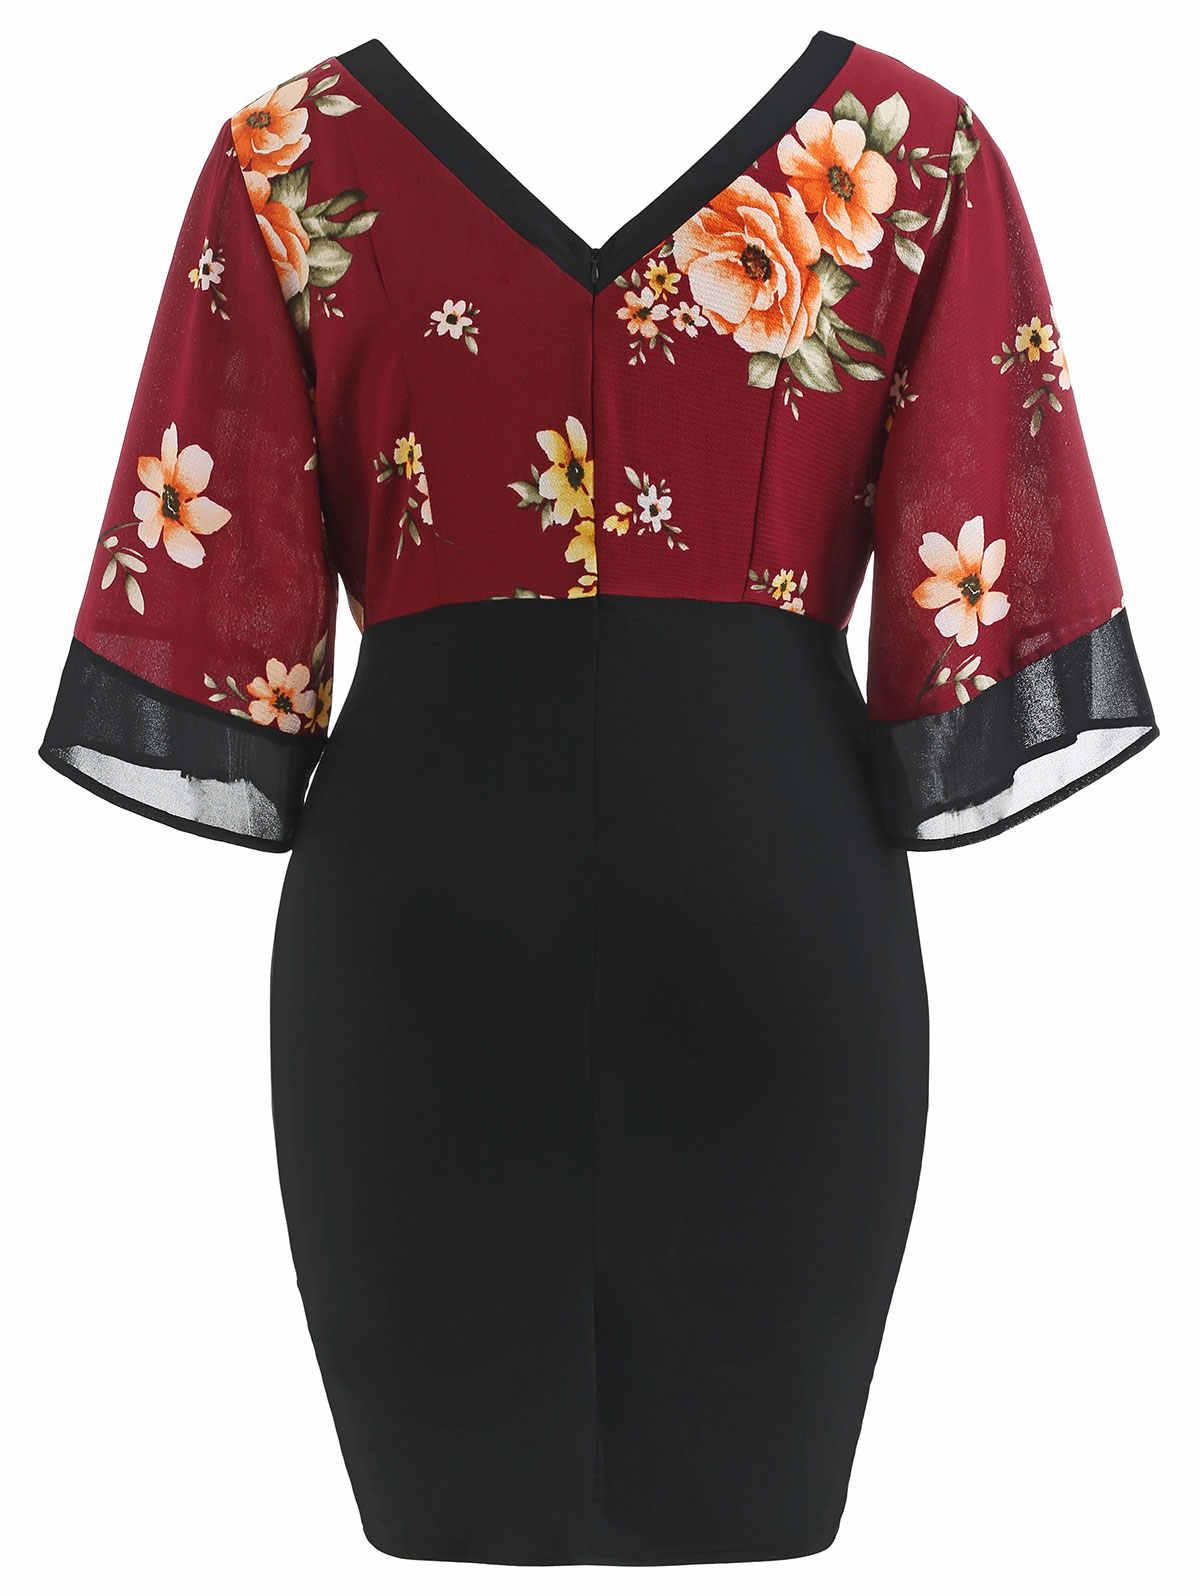 Wipalo Женское платье с рукавами-колокольчиками большого размера, платье-футляр с глубоким вырезом и цветочным принтом, рукава три четверти, большой размер, коктельное платье, платье в офис